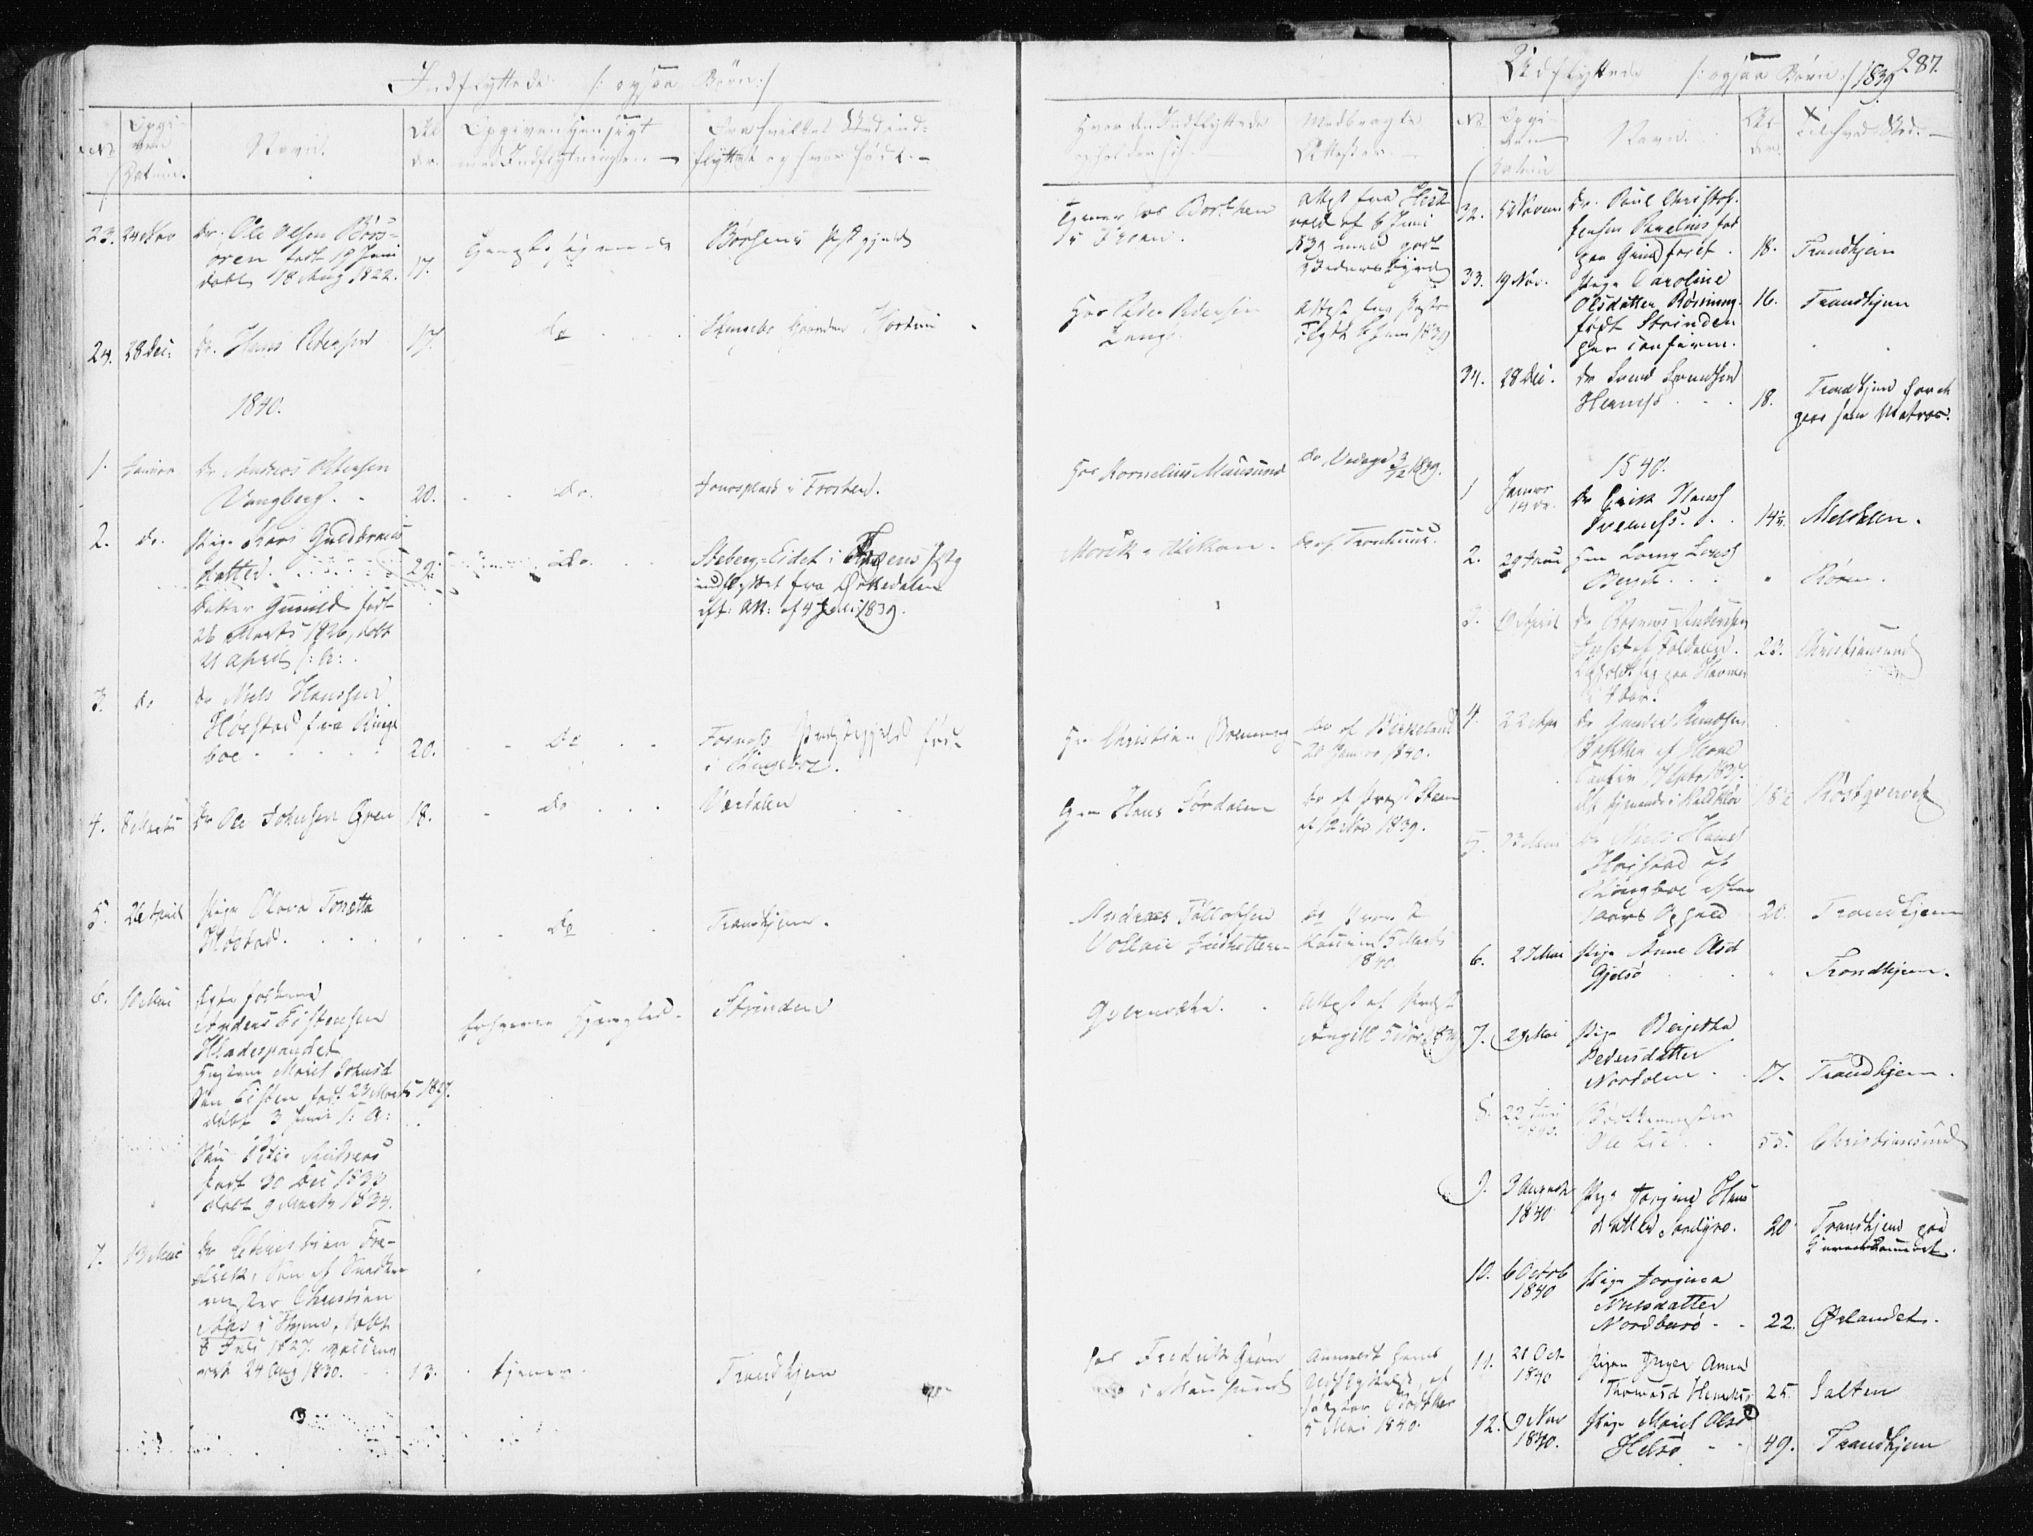 SAT, Ministerialprotokoller, klokkerbøker og fødselsregistre - Sør-Trøndelag, 634/L0528: Ministerialbok nr. 634A04, 1827-1842, s. 287